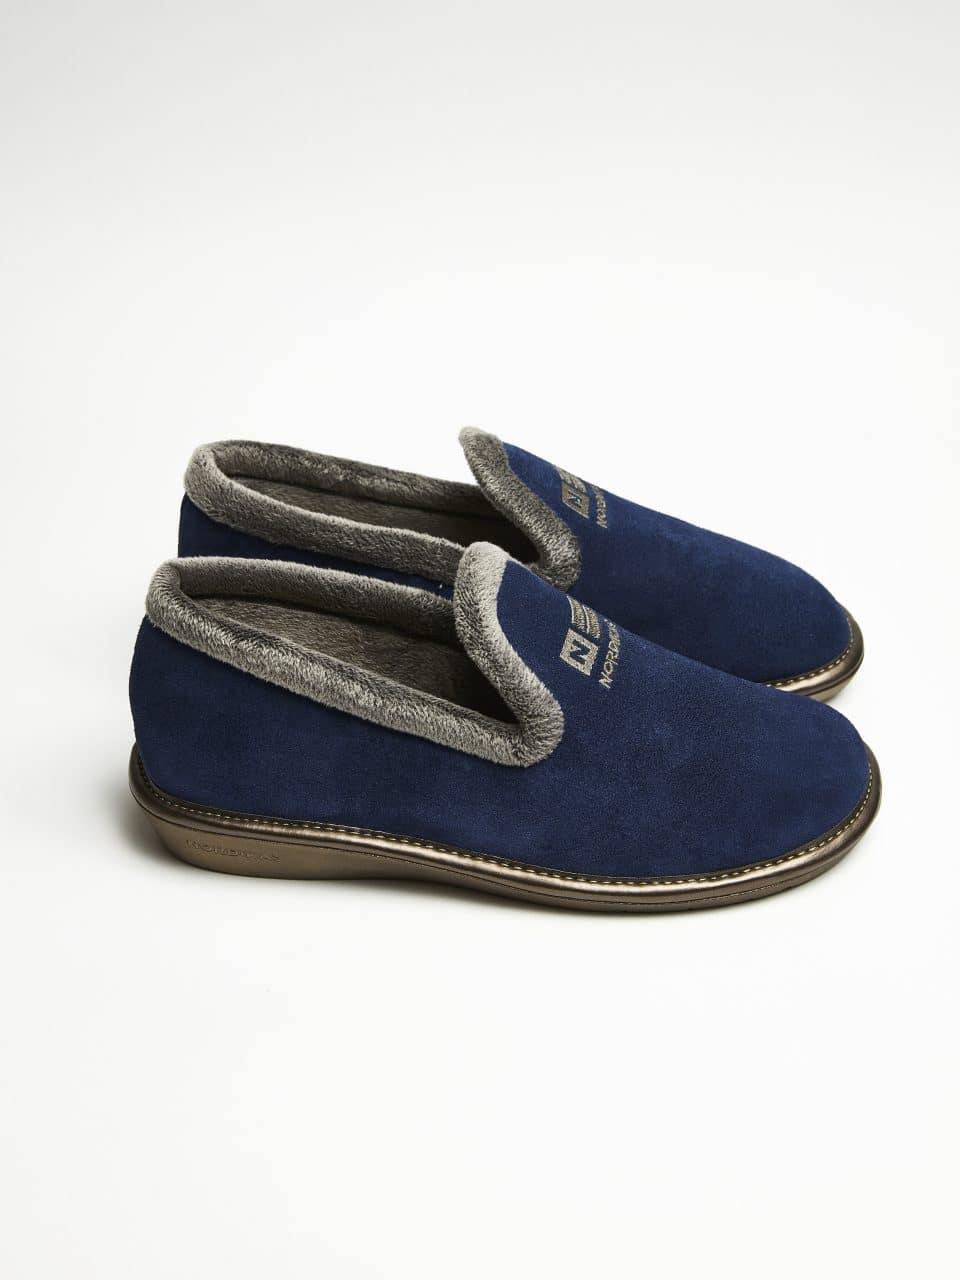 AFELPADO INDIGO Marcas en Loyna Shoes